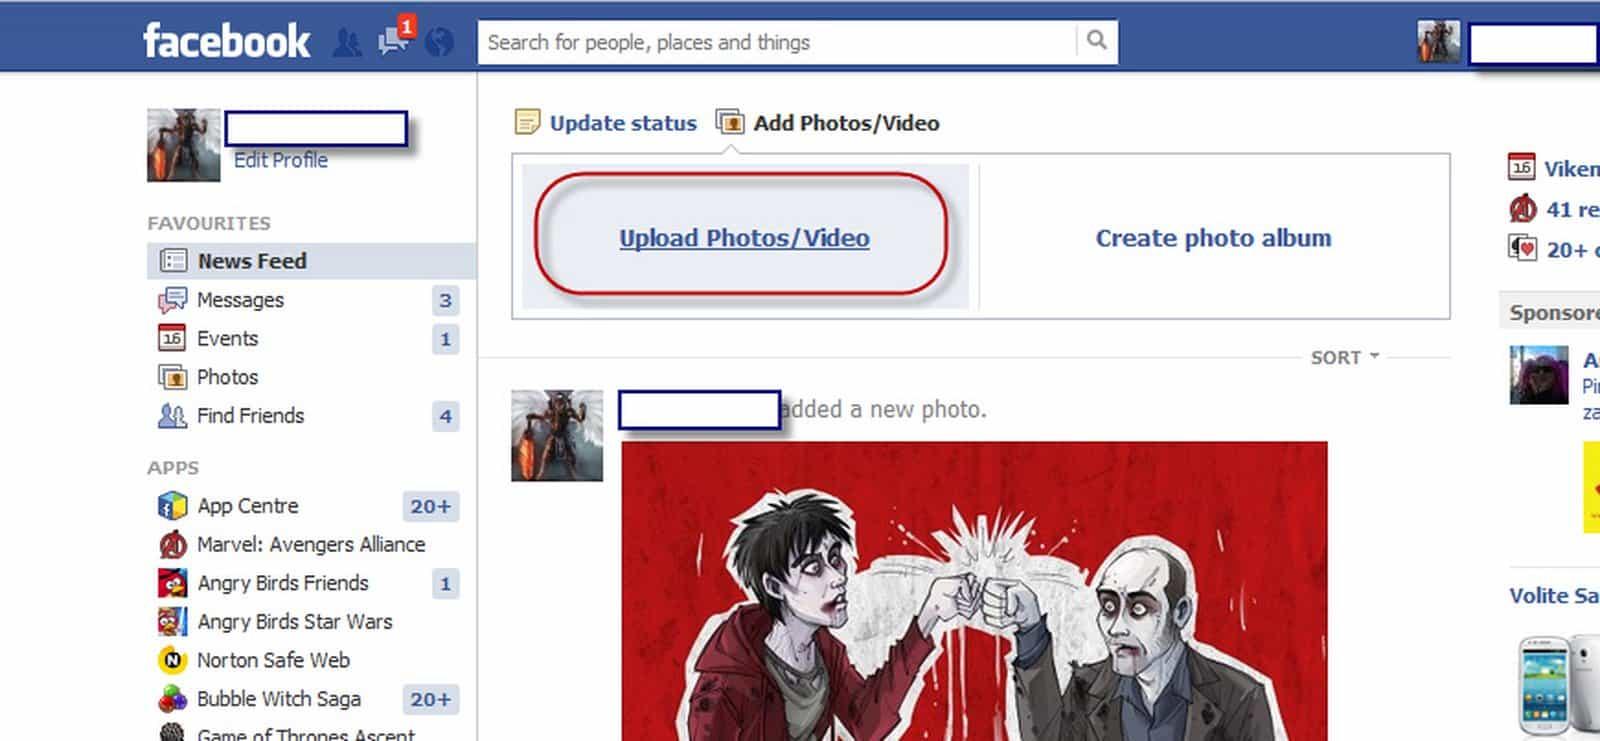 Kako postaviti sliku na Facebook brže i jednostavnije?